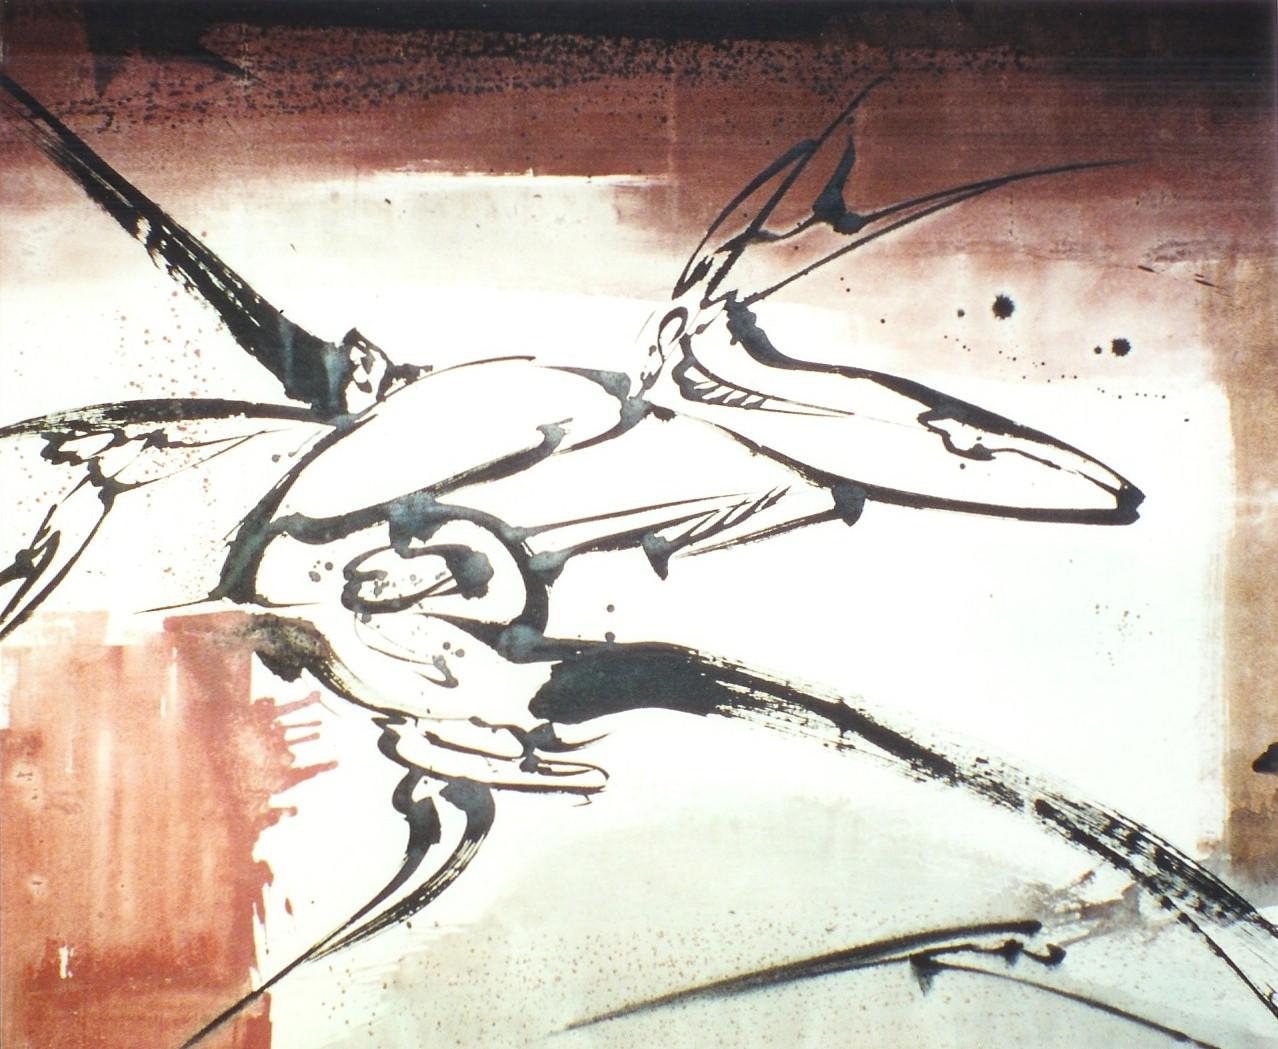 Le Cri, Acrylique sur toile 184 x 162 cm